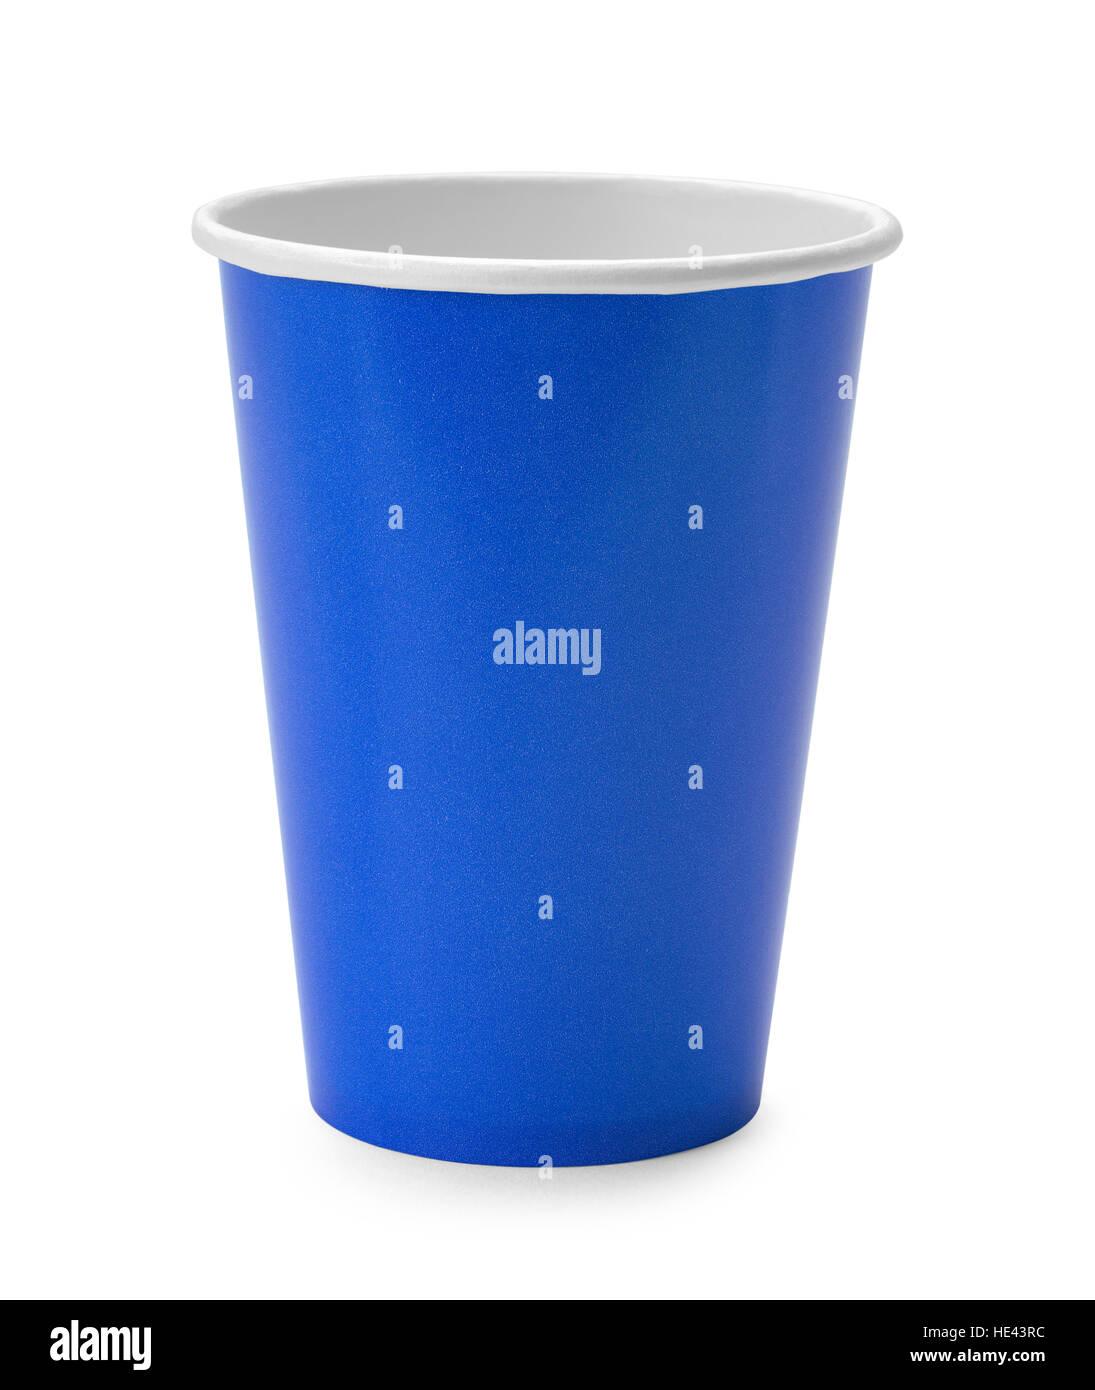 Carta blu tazza isolata su sfondo bianco. Immagini Stock